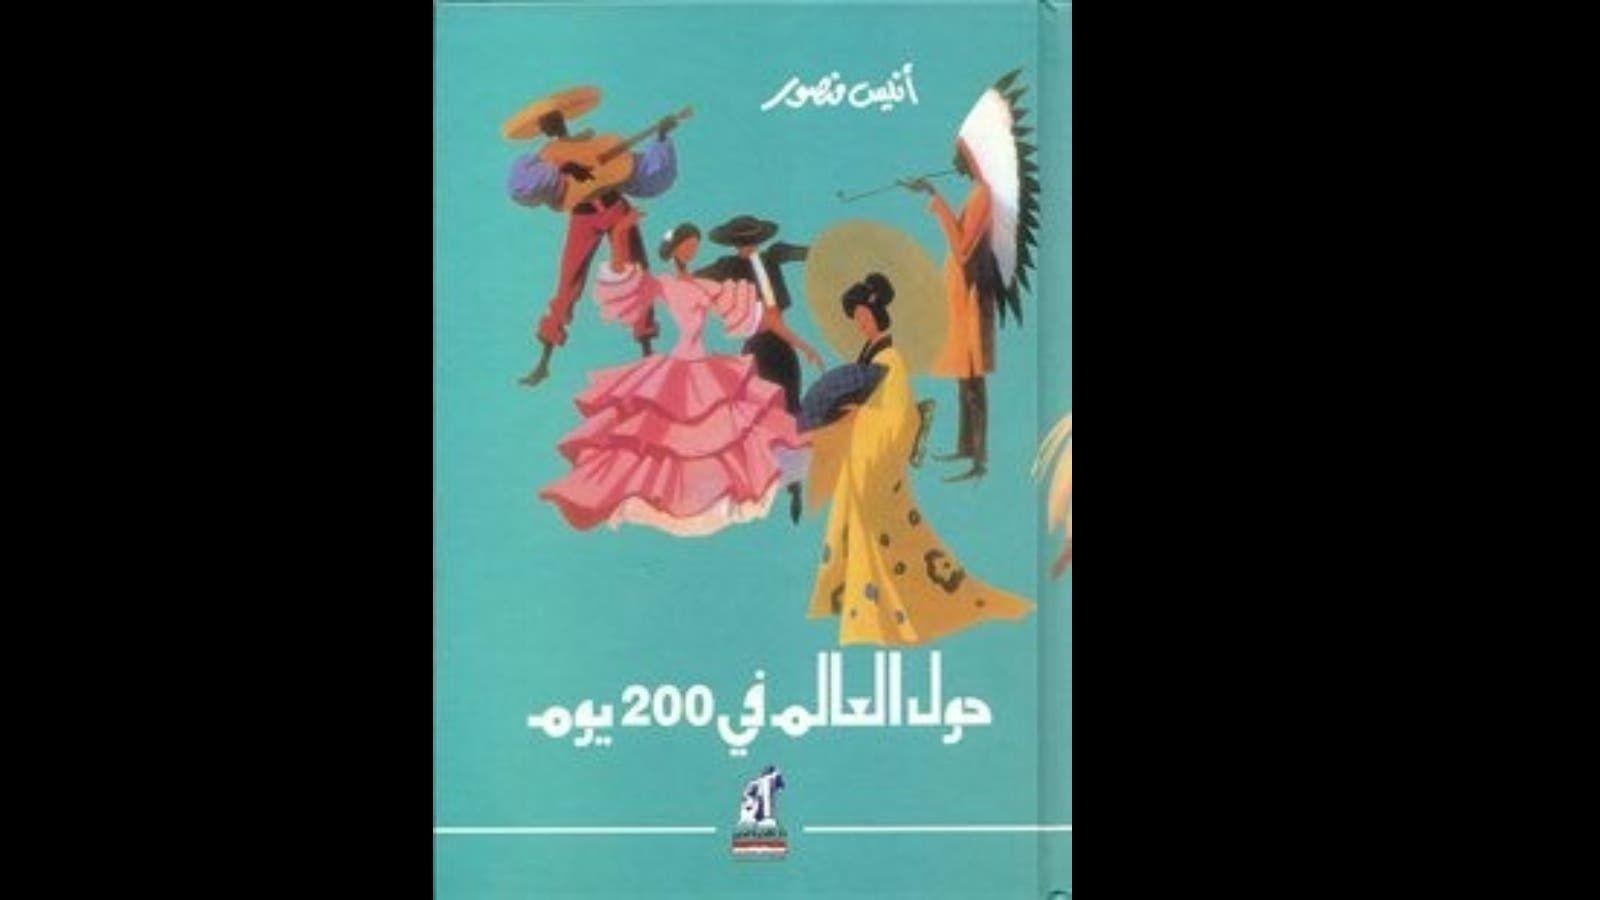 حول العالم في 200 يوم تأليف أنيس منصور Book Cover Books Art